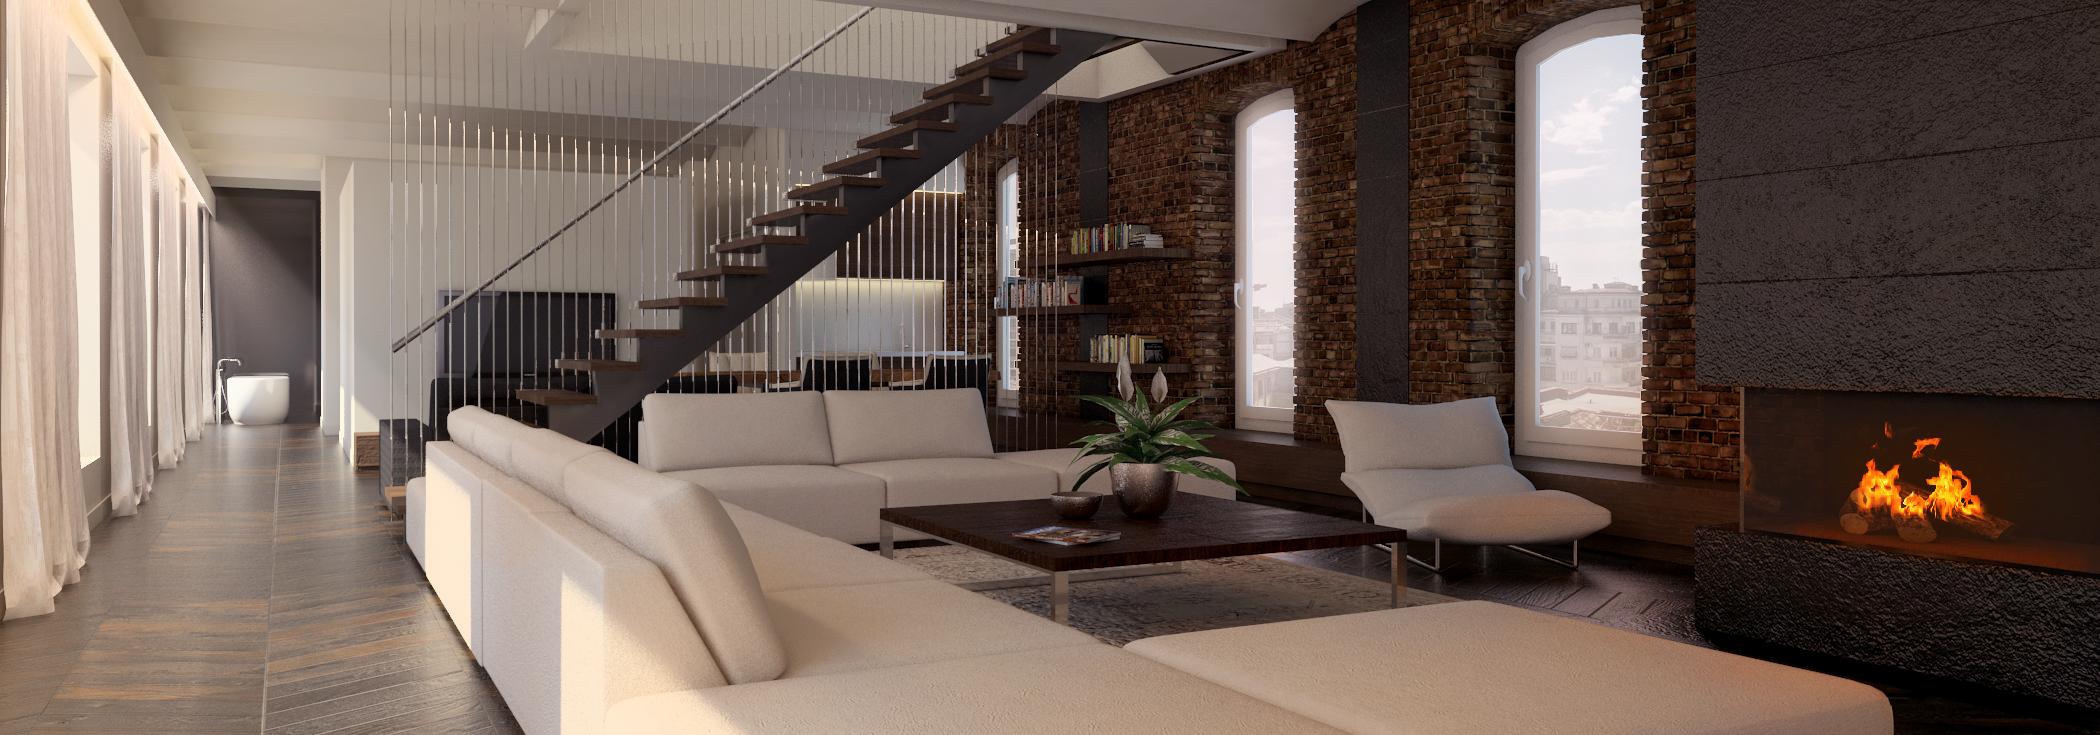 Apartament w dawnym budynku przemysłowym w Łodzi – projekt koncepcyjny